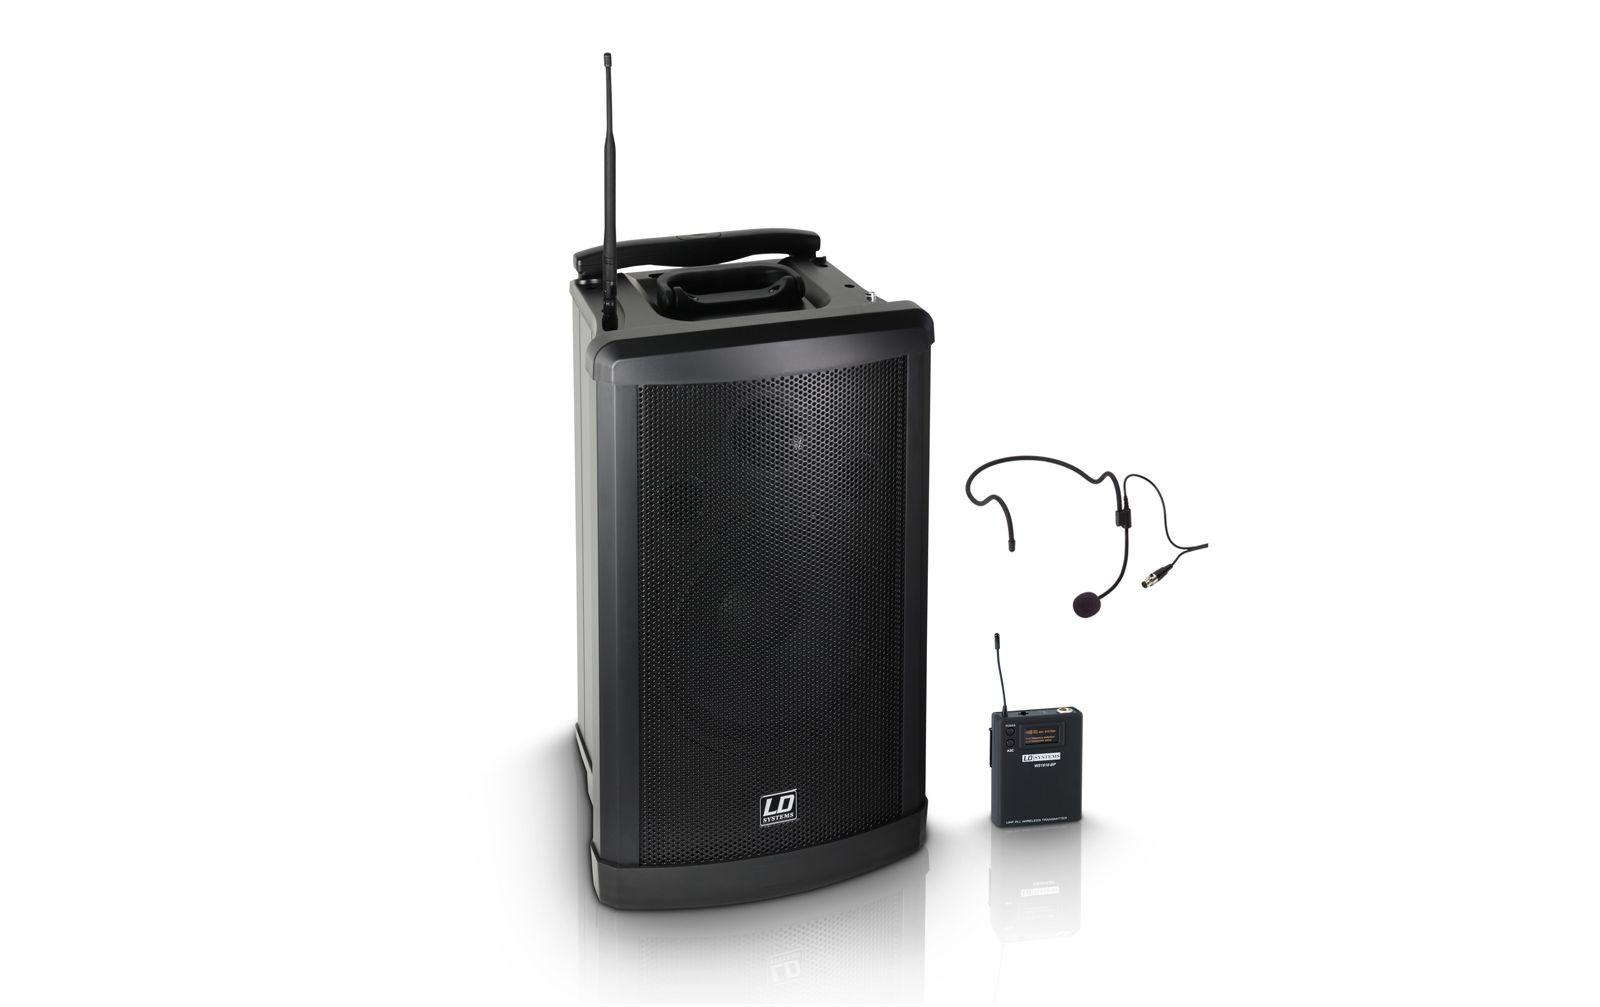 ld-systems-roadman-102-mobiler-lautsprecher-mit-headset-frequenz-584-mhz-607-mhz